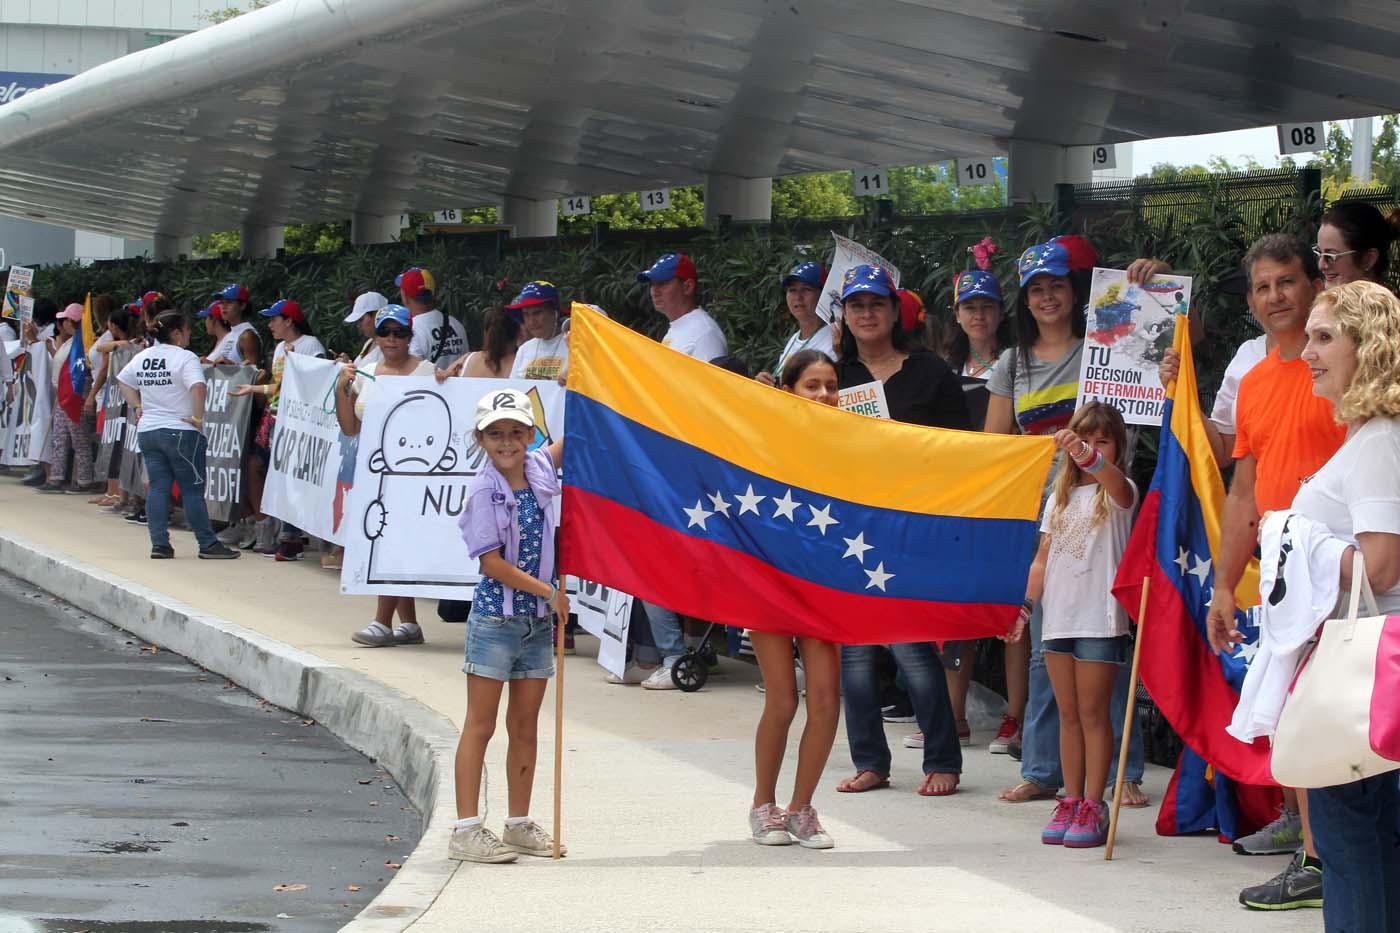 """MEX01. CANCÚN (MÉXICO), 18/06/2017.- Ciudadanos venezolanos se reúnen hoy, domingo 18 de junio de 2017, en torno al hotel sede de la reunión de Organización de Estados Americanos (OEA), que dará inicio este lunes en la ciudad de Cancún, en el estado de Quintana Roo (México). La Organización de Estados Americanos (OEA) buscará soluciones a la crisis de Venezuela mañana en una reunión de cancilleres previa a su 47 Asamblea General, que tendrá lugar hasta el 21 de junio en Cancún, en el Caribe mexicano. El tema oficial de la Asamblea es """"Fortaleciendo el diálogo y la concertación para la prosperidad"""", pero el asunto de fondo que definirá la cita será la posición de la región sobre la crisis política y social venezolana. EFE/ Alonso Cupul"""